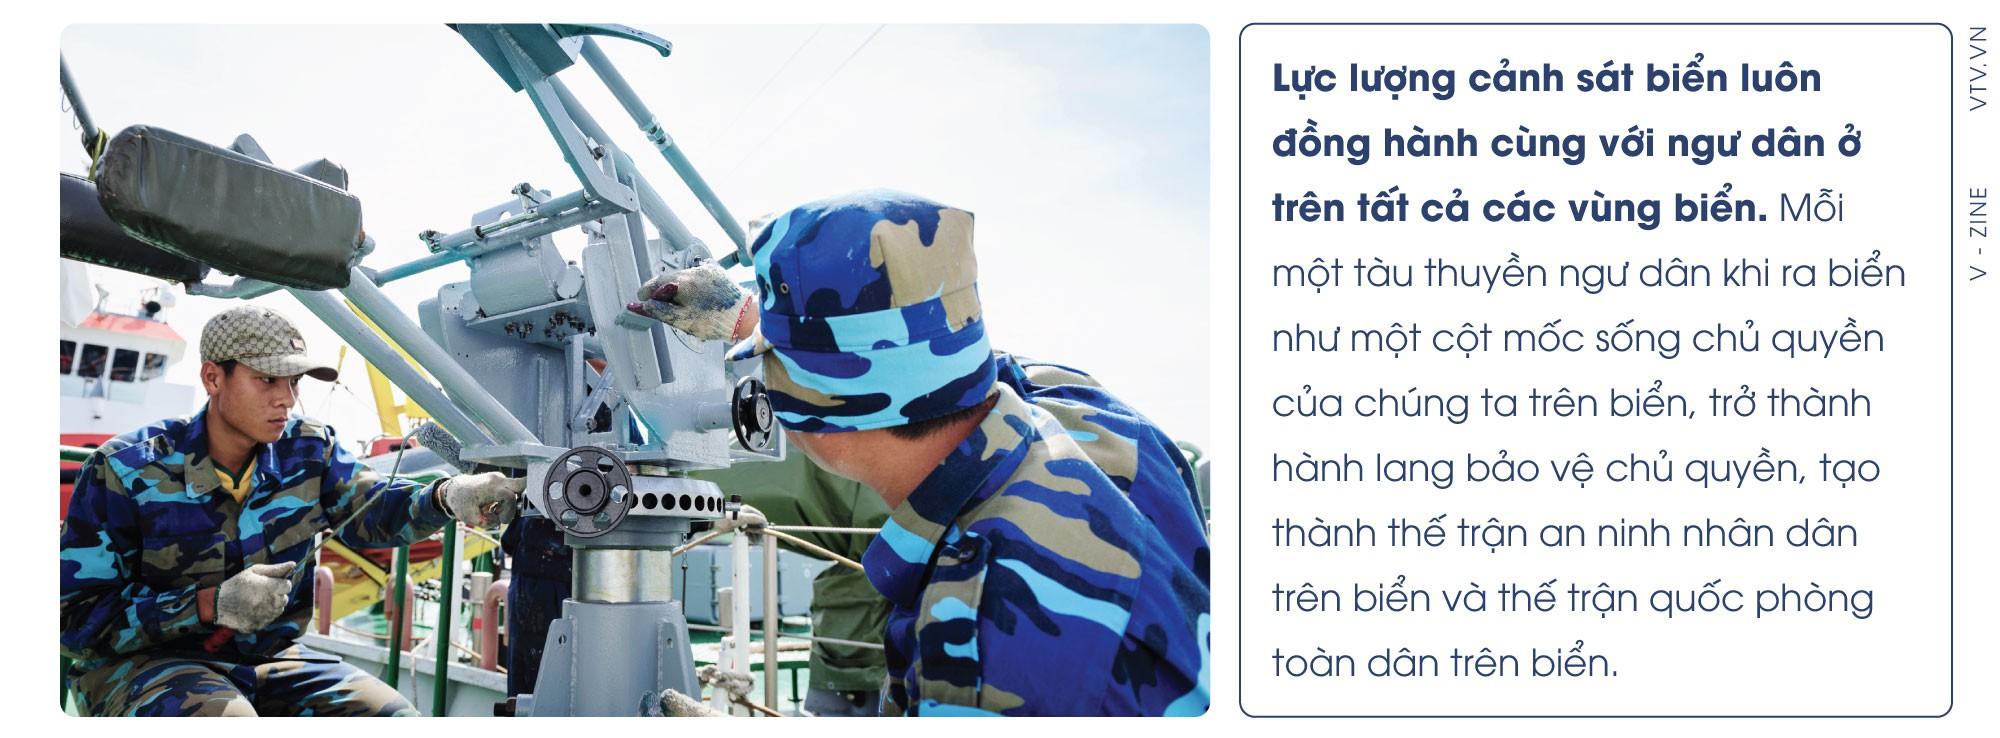 Cảnh sát biển Việt Nam: Bảo vệ chủ quyền với những cột mốc sống - Ảnh 16.